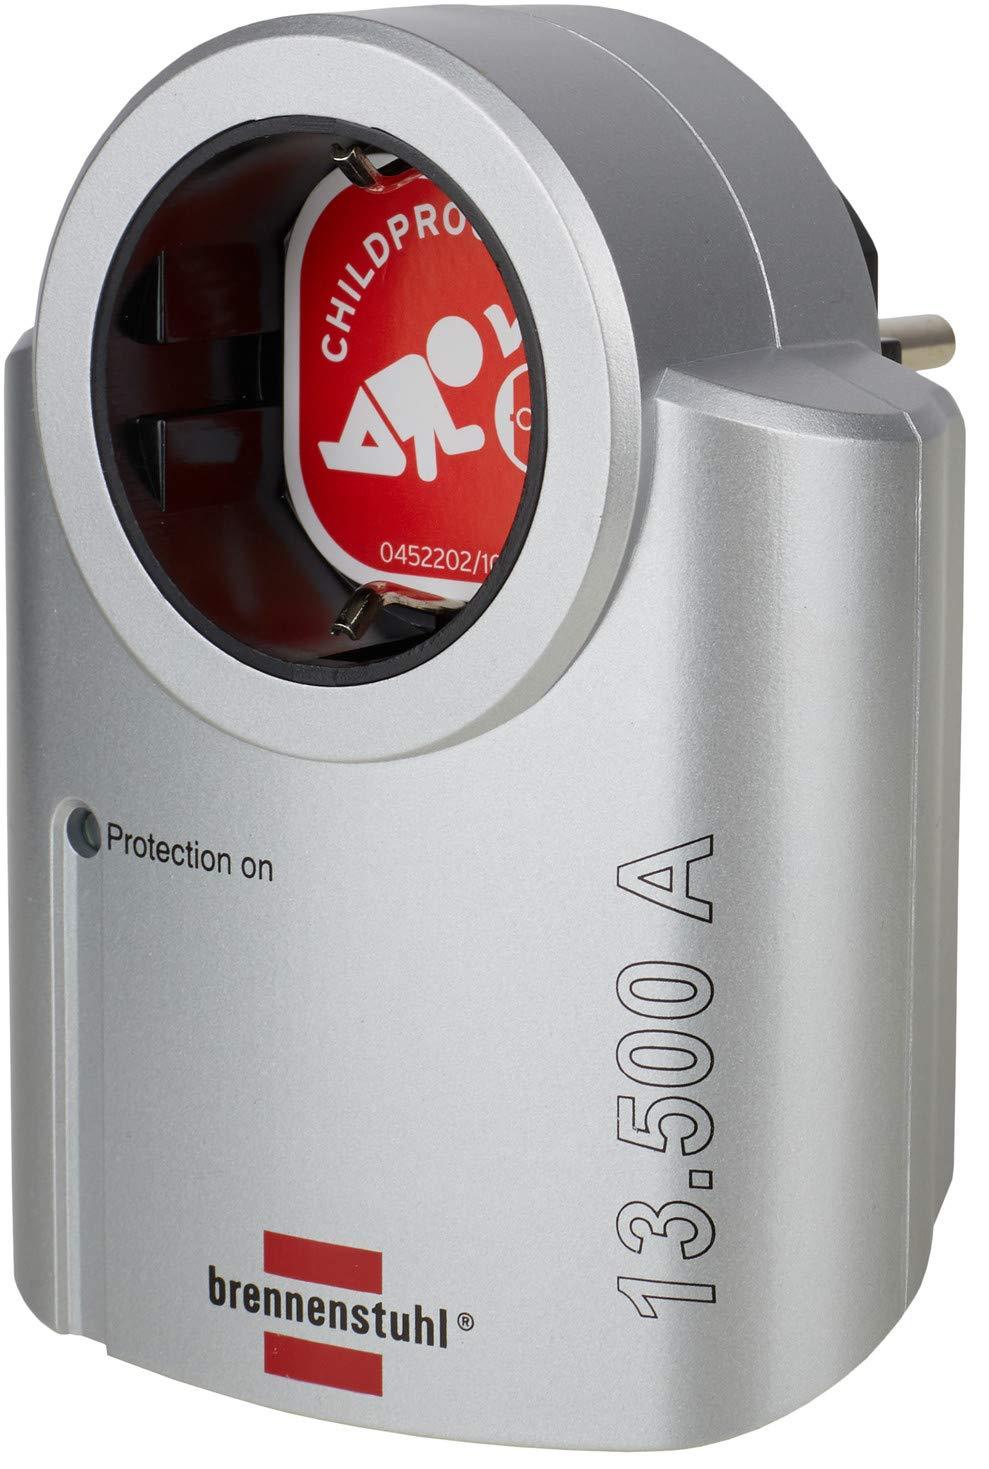 Brennenstuhl Primera Line Steckdosenadapter Mit Überspannungsschutz Adapter Als Blitzschutz Für Elektrogeräte Silber Schwarz Baumarkt